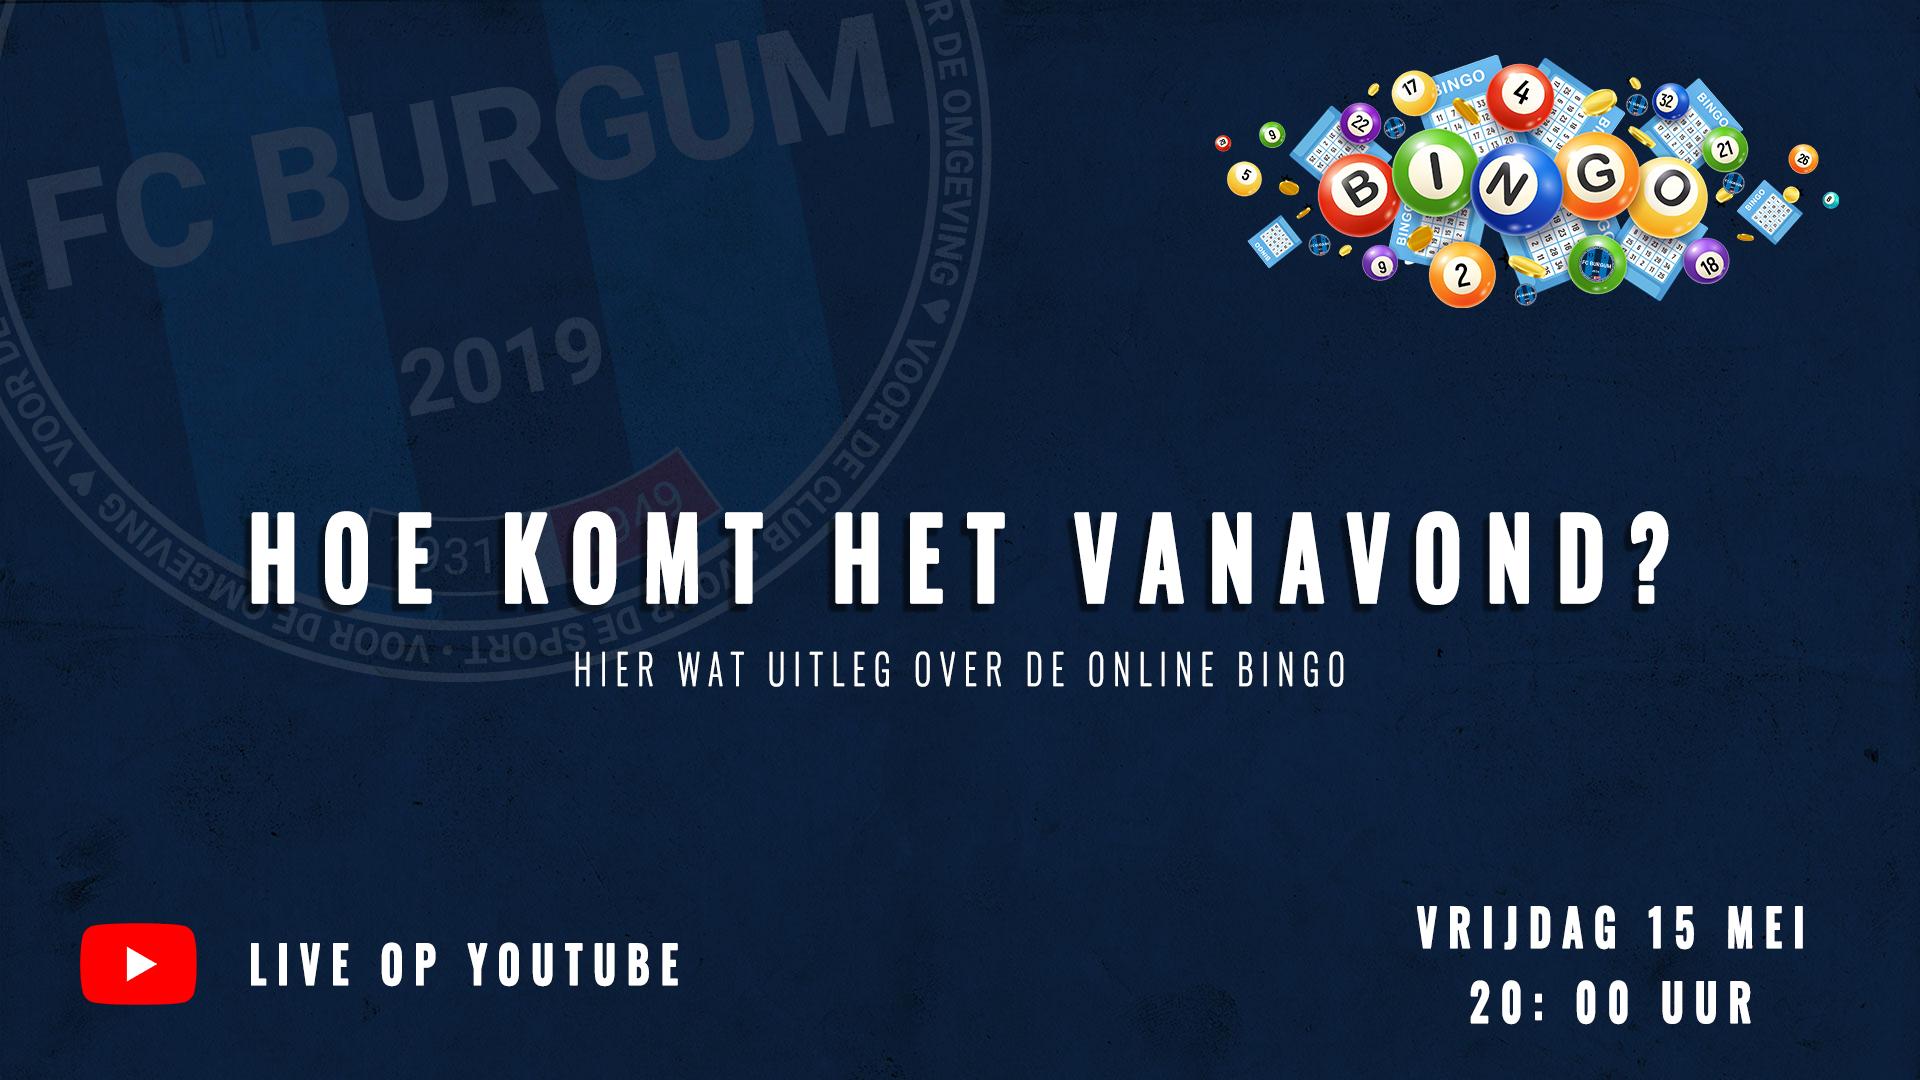 Hoe komt het precies vanavond met de online bingo?